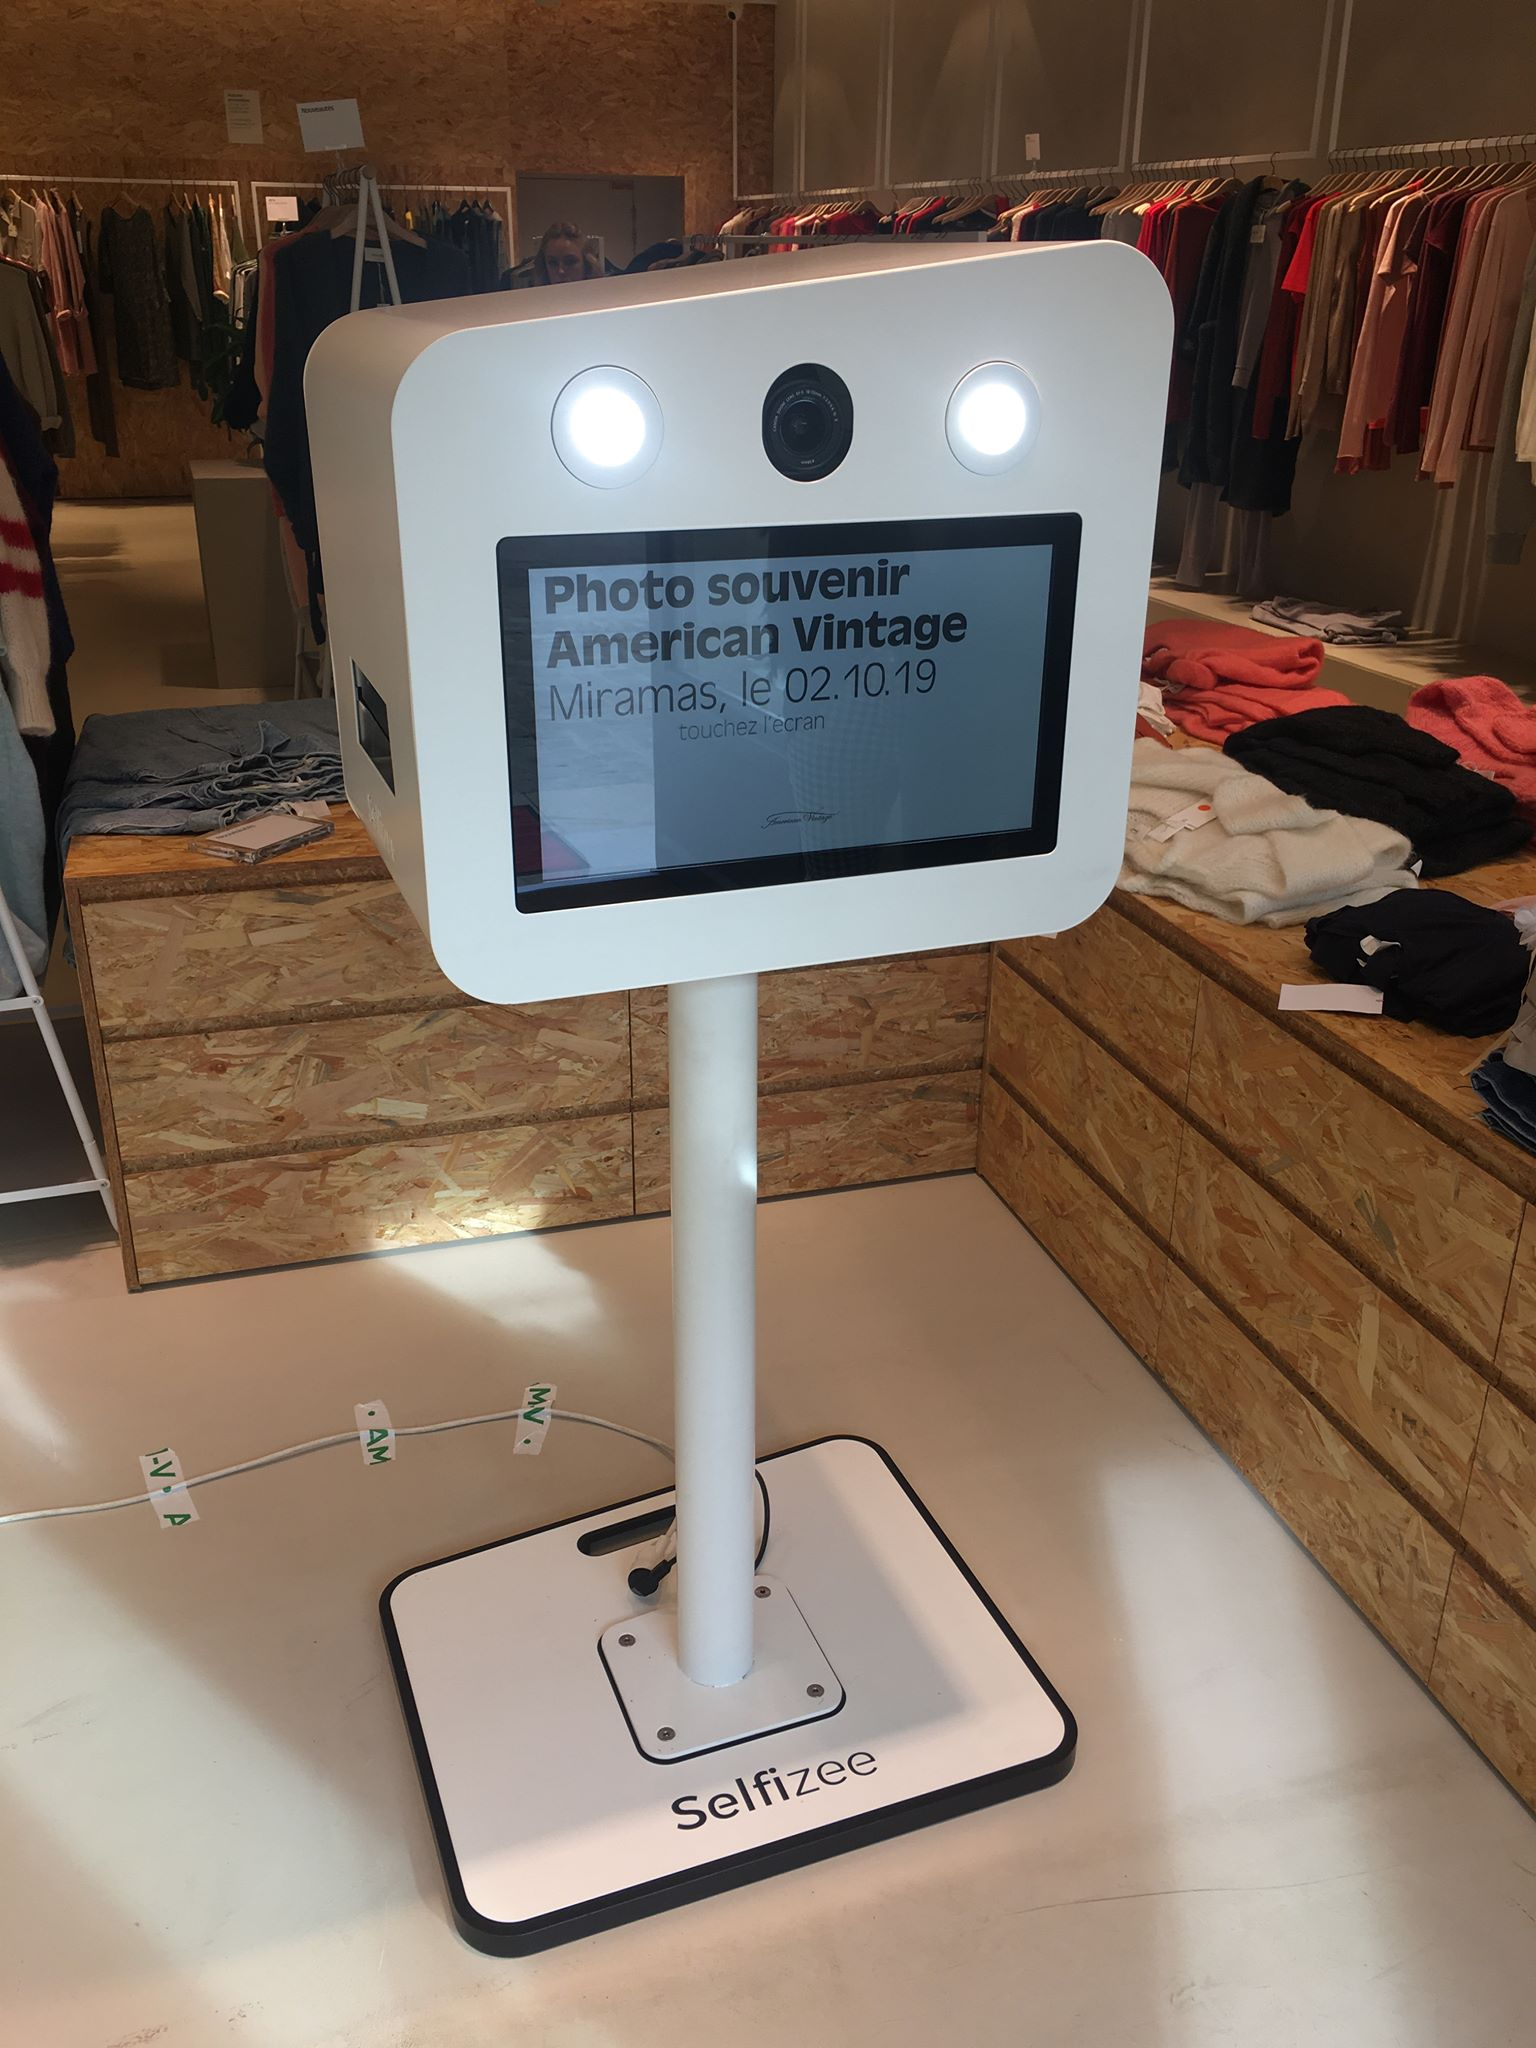 Borne selfie animation photos clients du magasin American Vintage à Miramas près d'Aix en Provence dans les Bouches du Rhône en 2019